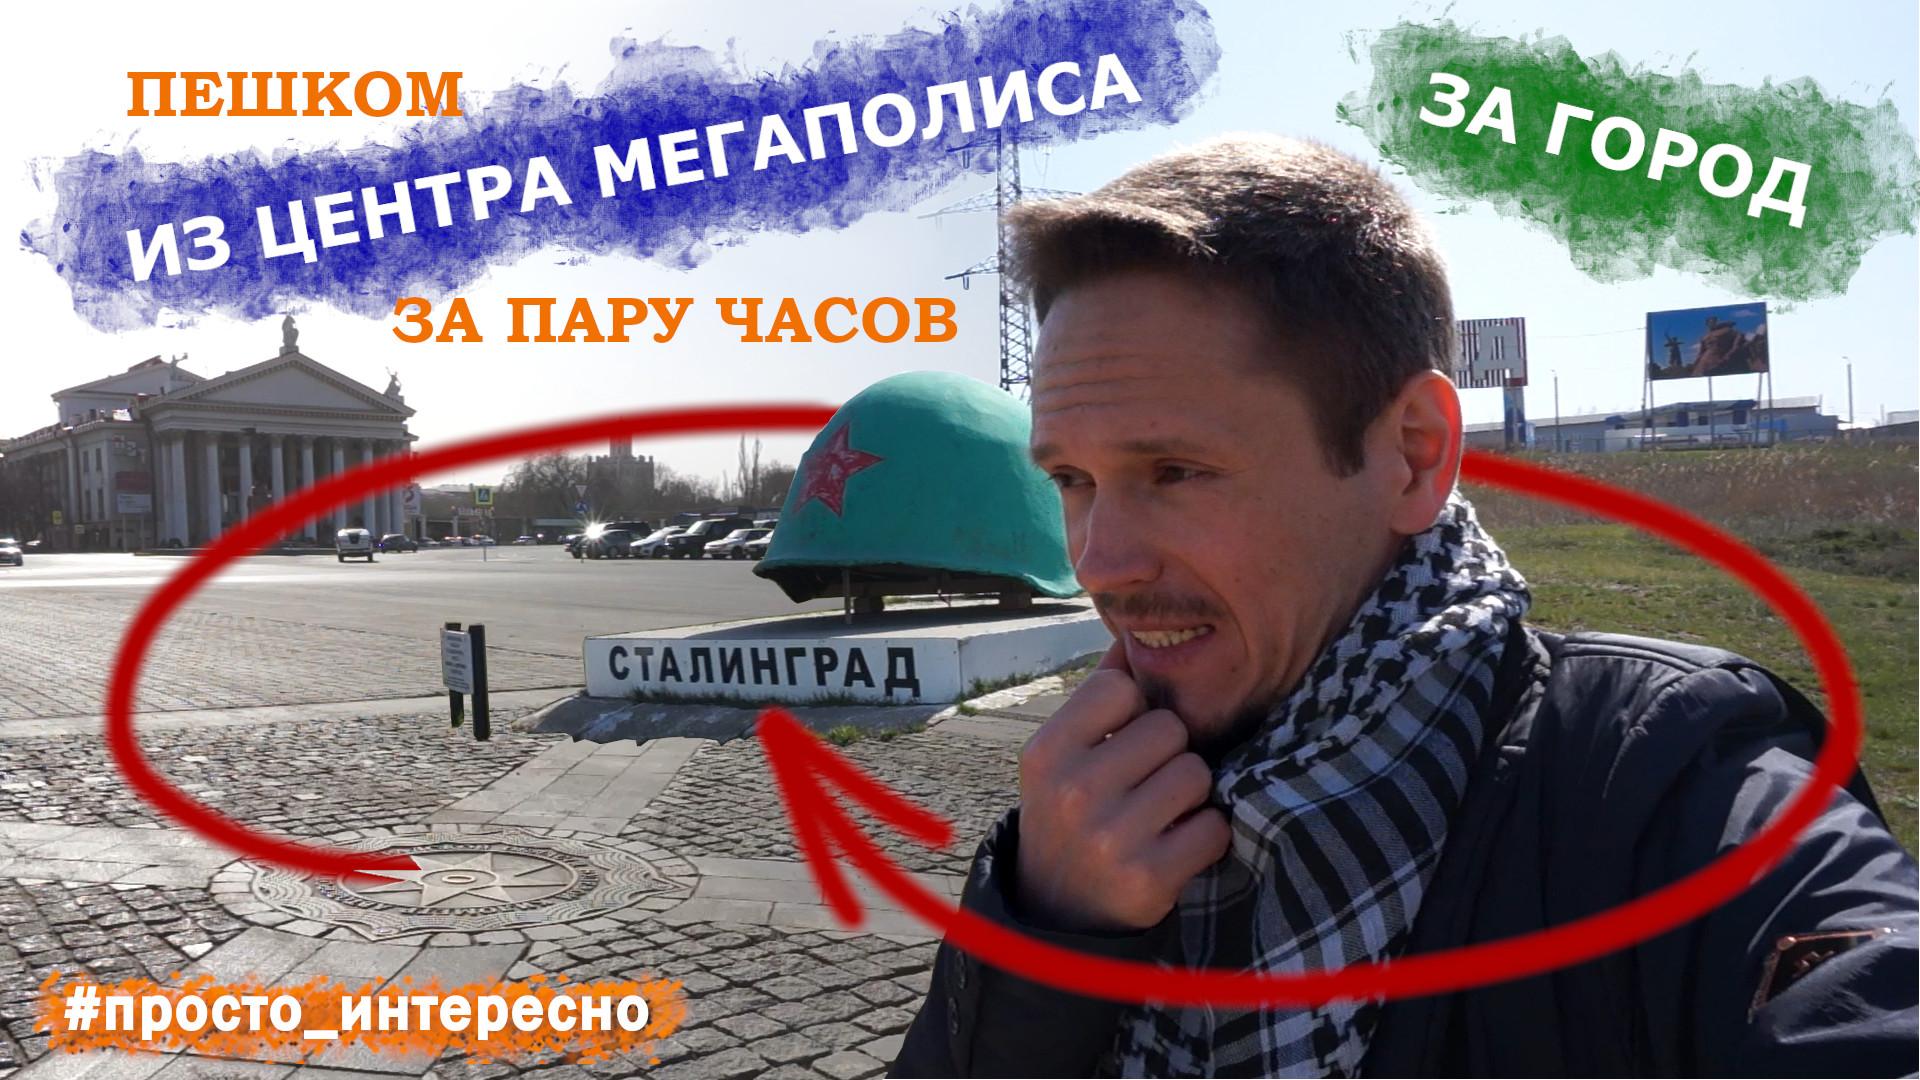 В этом видео нас ждет 10-километровая прогулка из центр Сталинграда, сквозь мозаику живого Царицына, меж старого и нового в жизни Волгограда в ближайшее предместье города